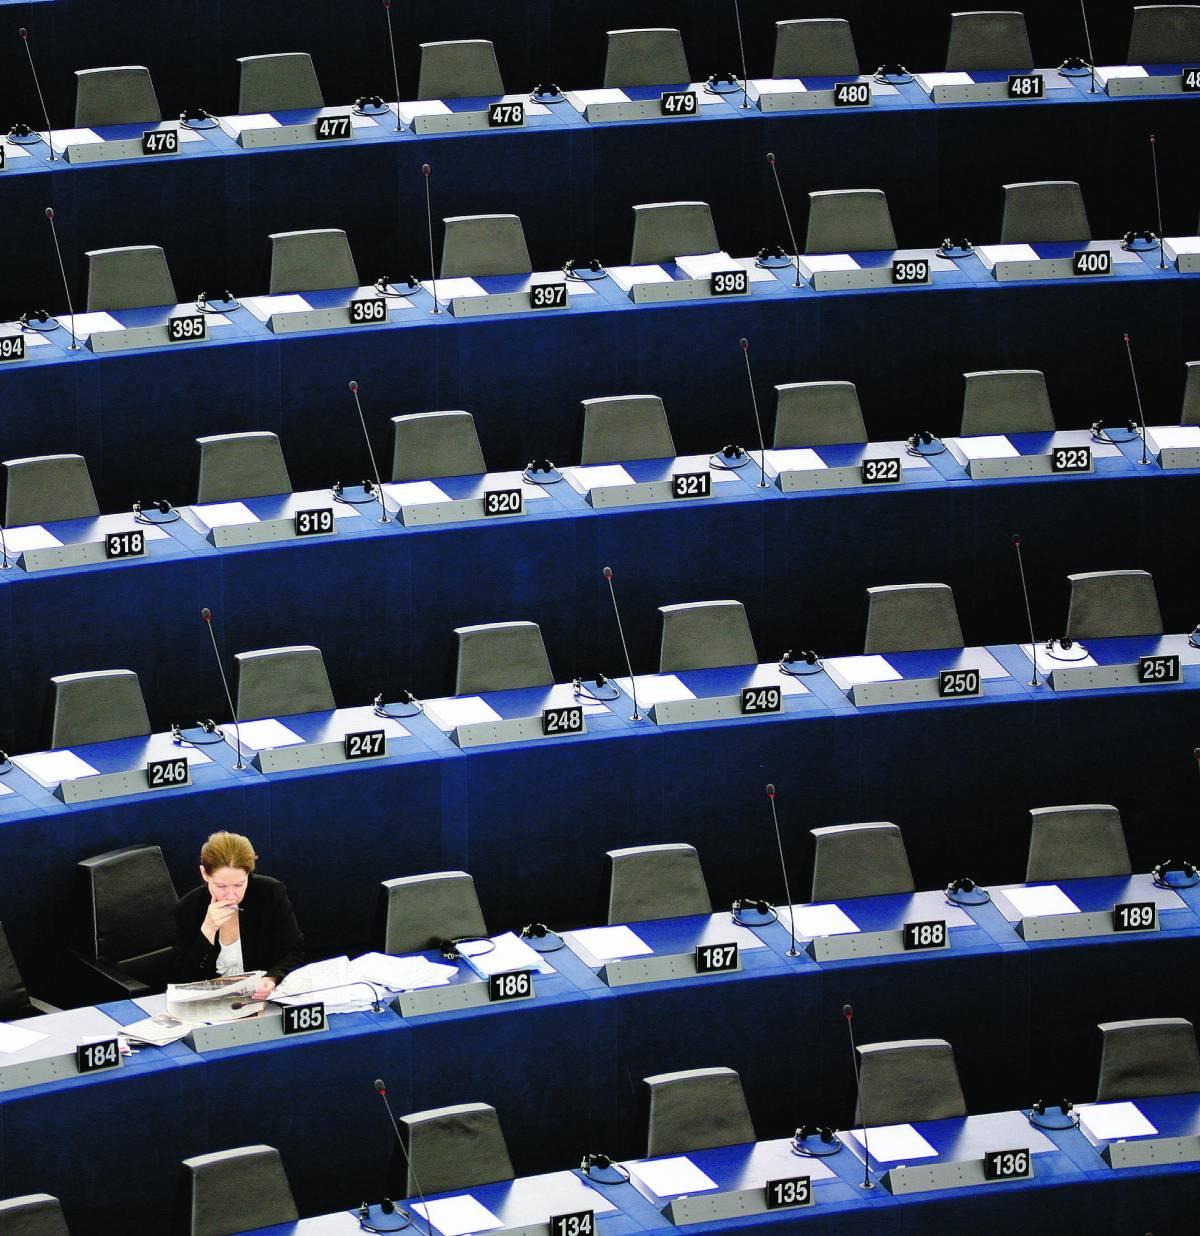 Quelli che a Strasburgo vanno a scaldar la sedia: cinque anni in silenzio